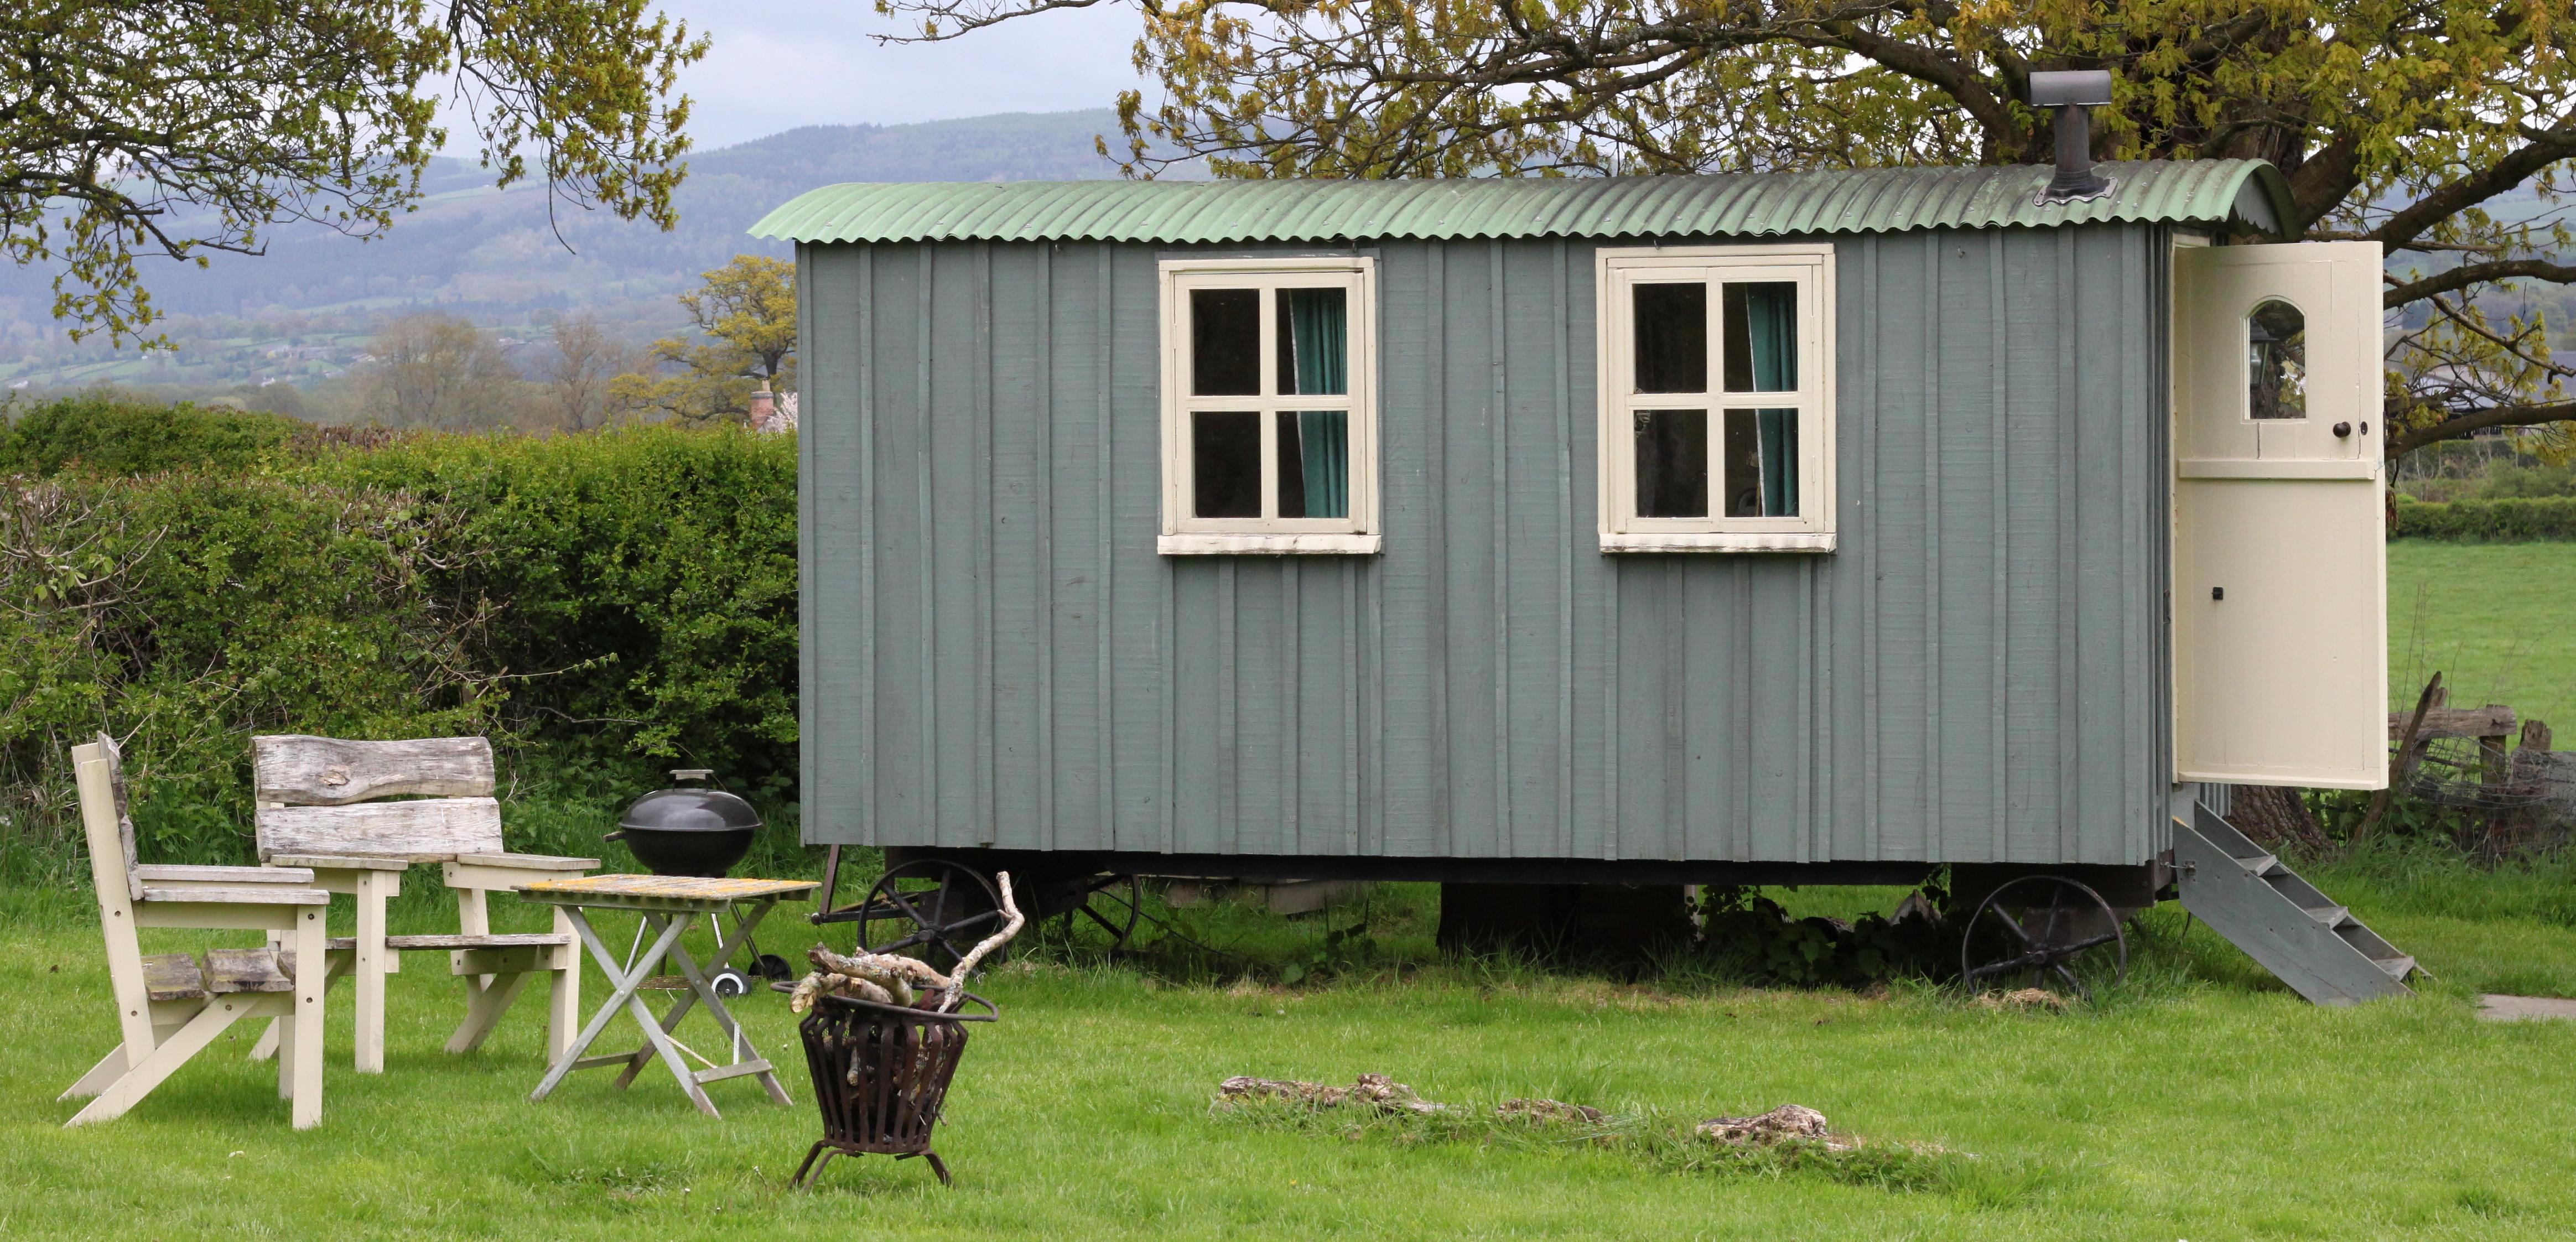 Las antiguas casetas de pastores son ahora minicasas de diseño / Flickr/Creative commons